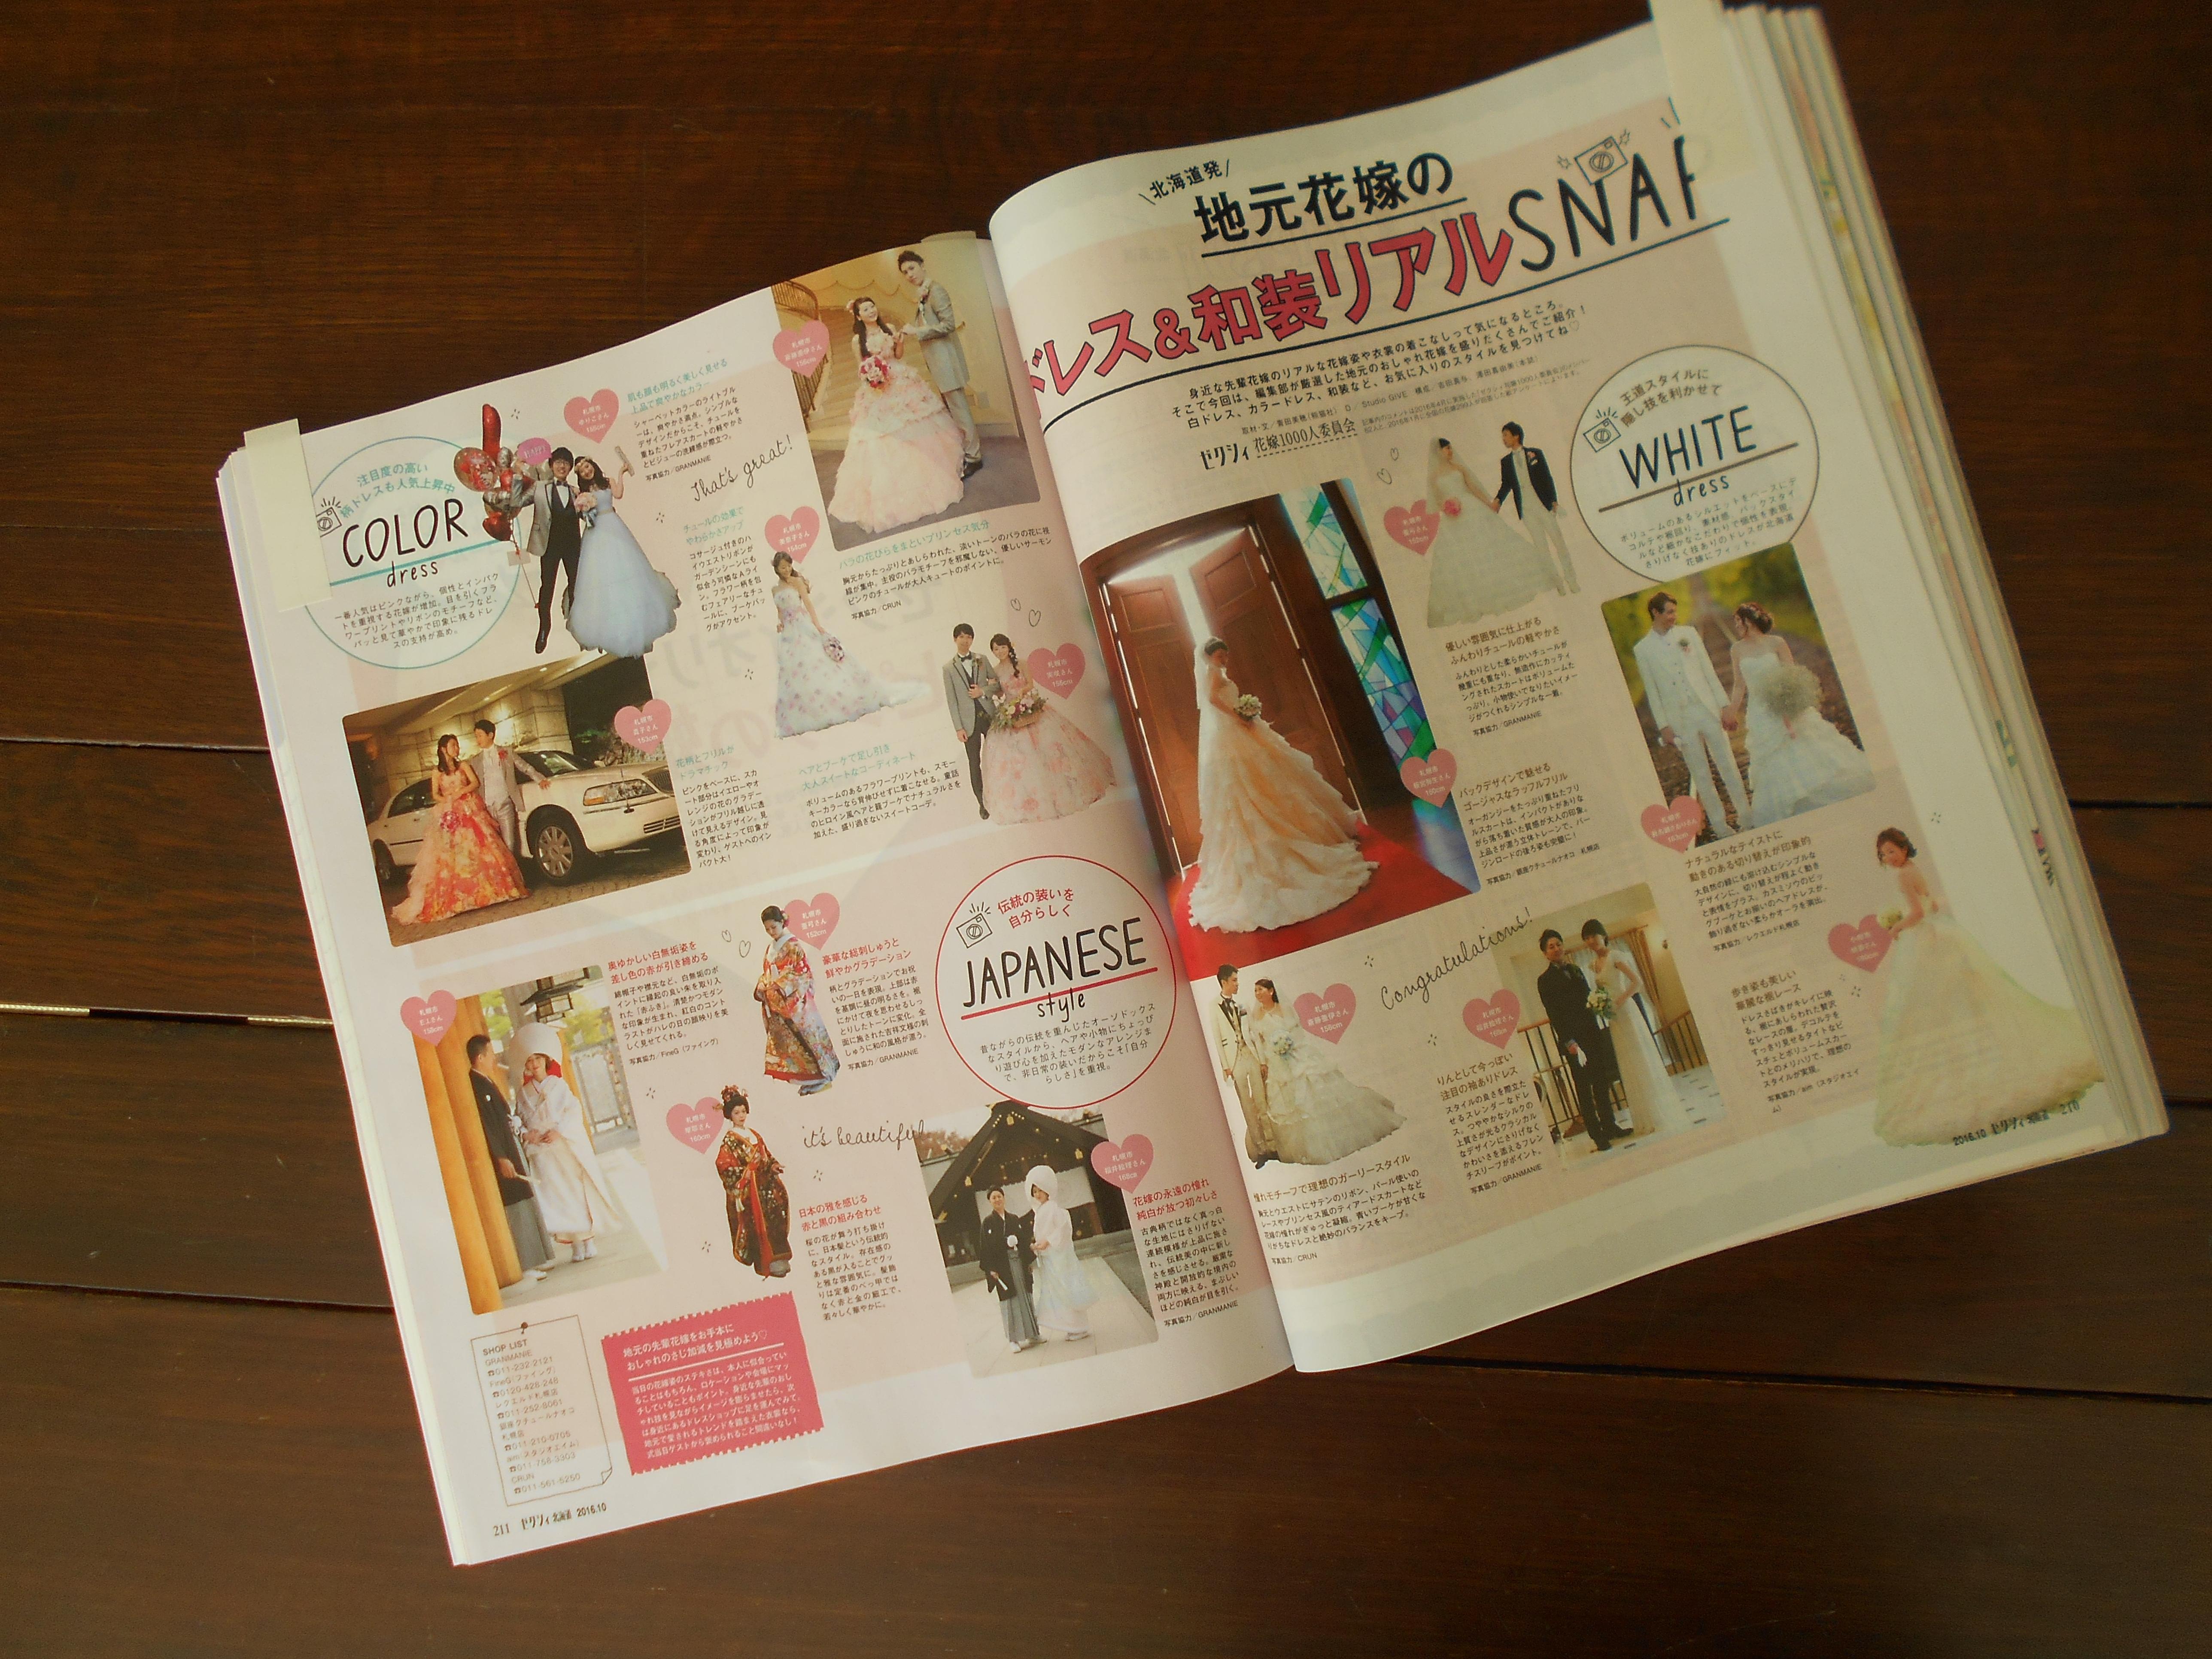 グランマニエのウエディングドレス|グランマニエ|ゼクシィ|ブライダル雑誌